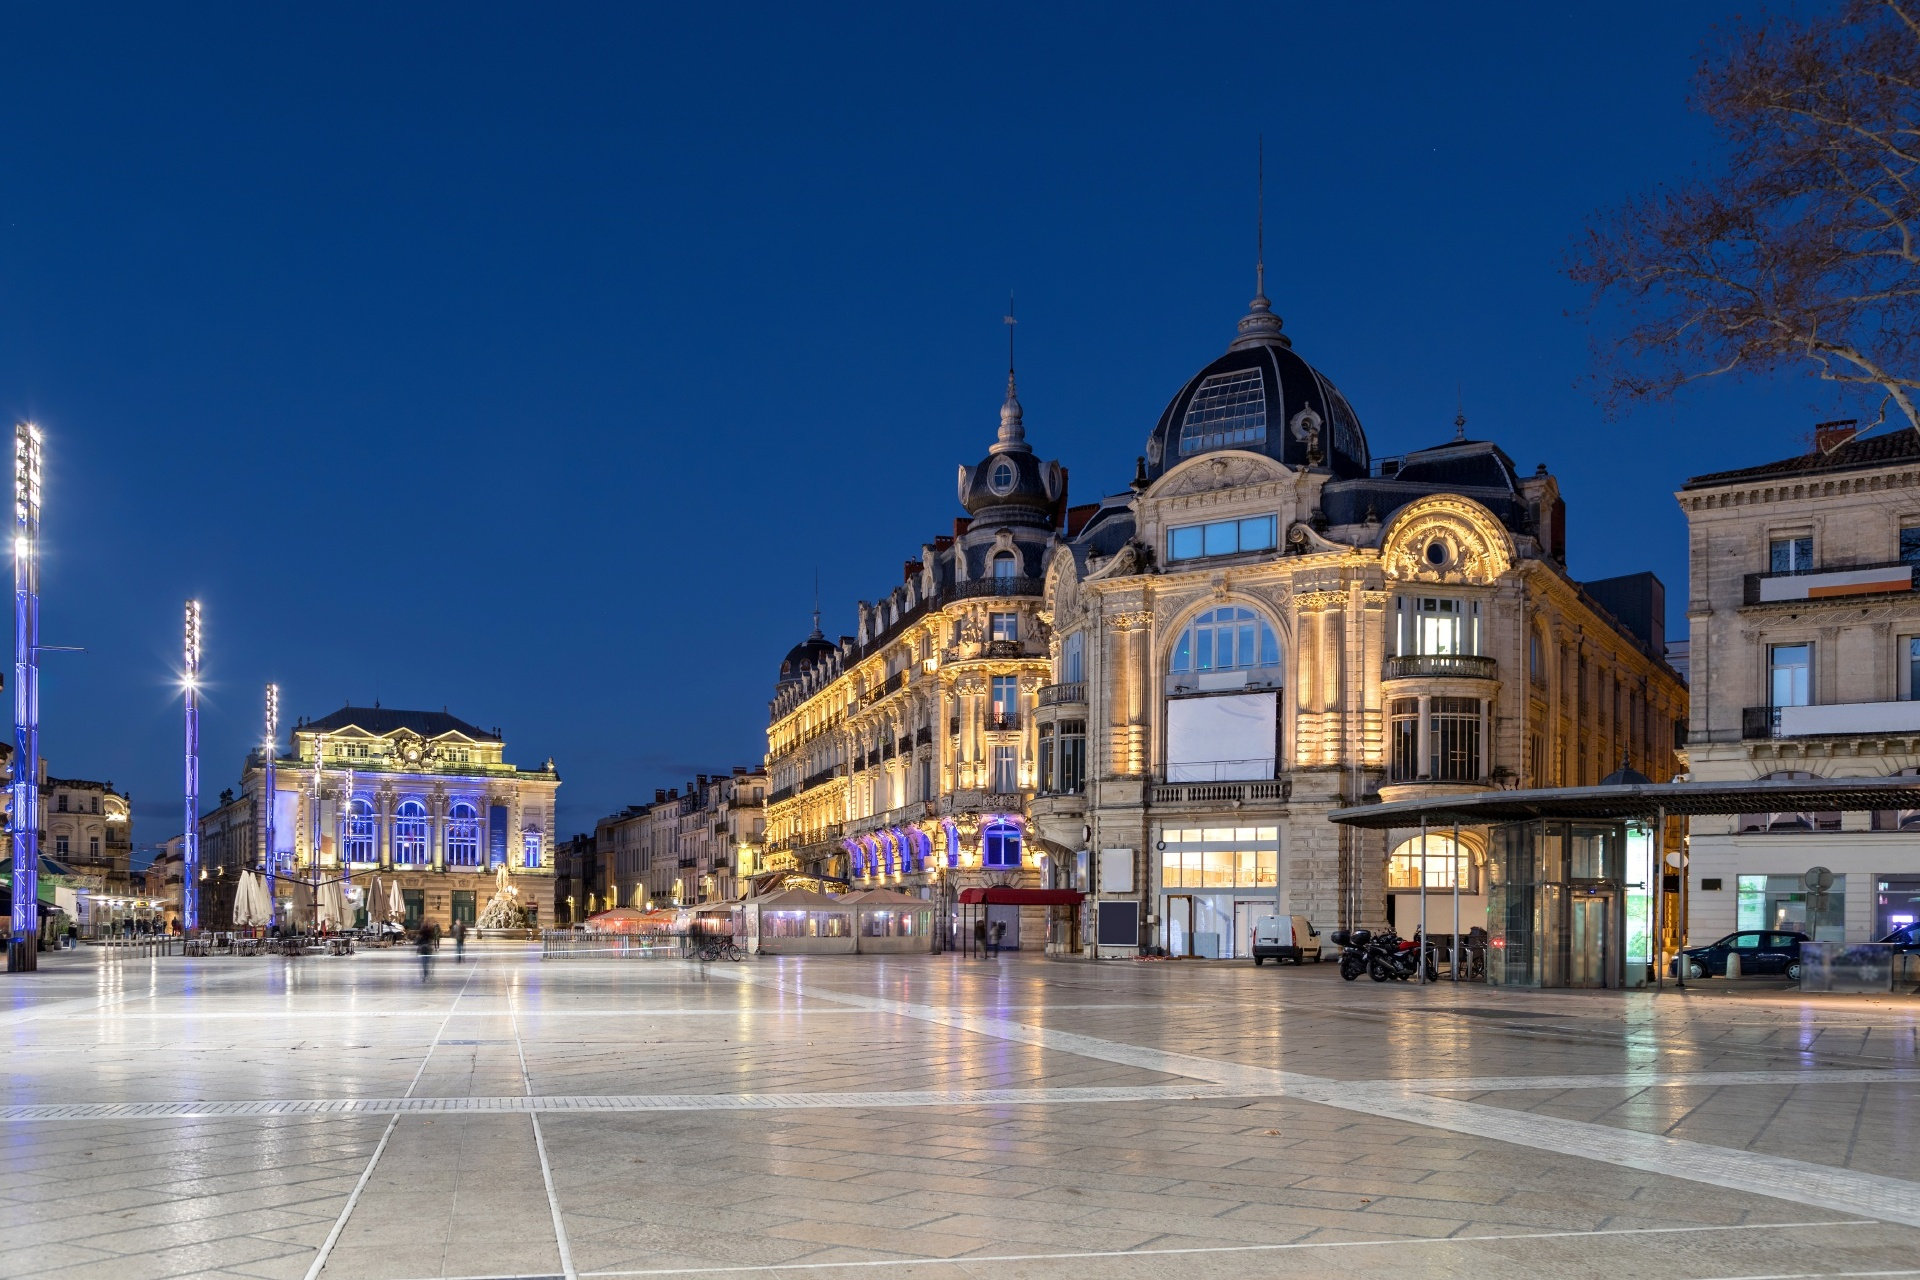 夕暮れのモンペリエ コメディ広場の風景 フランスの風景